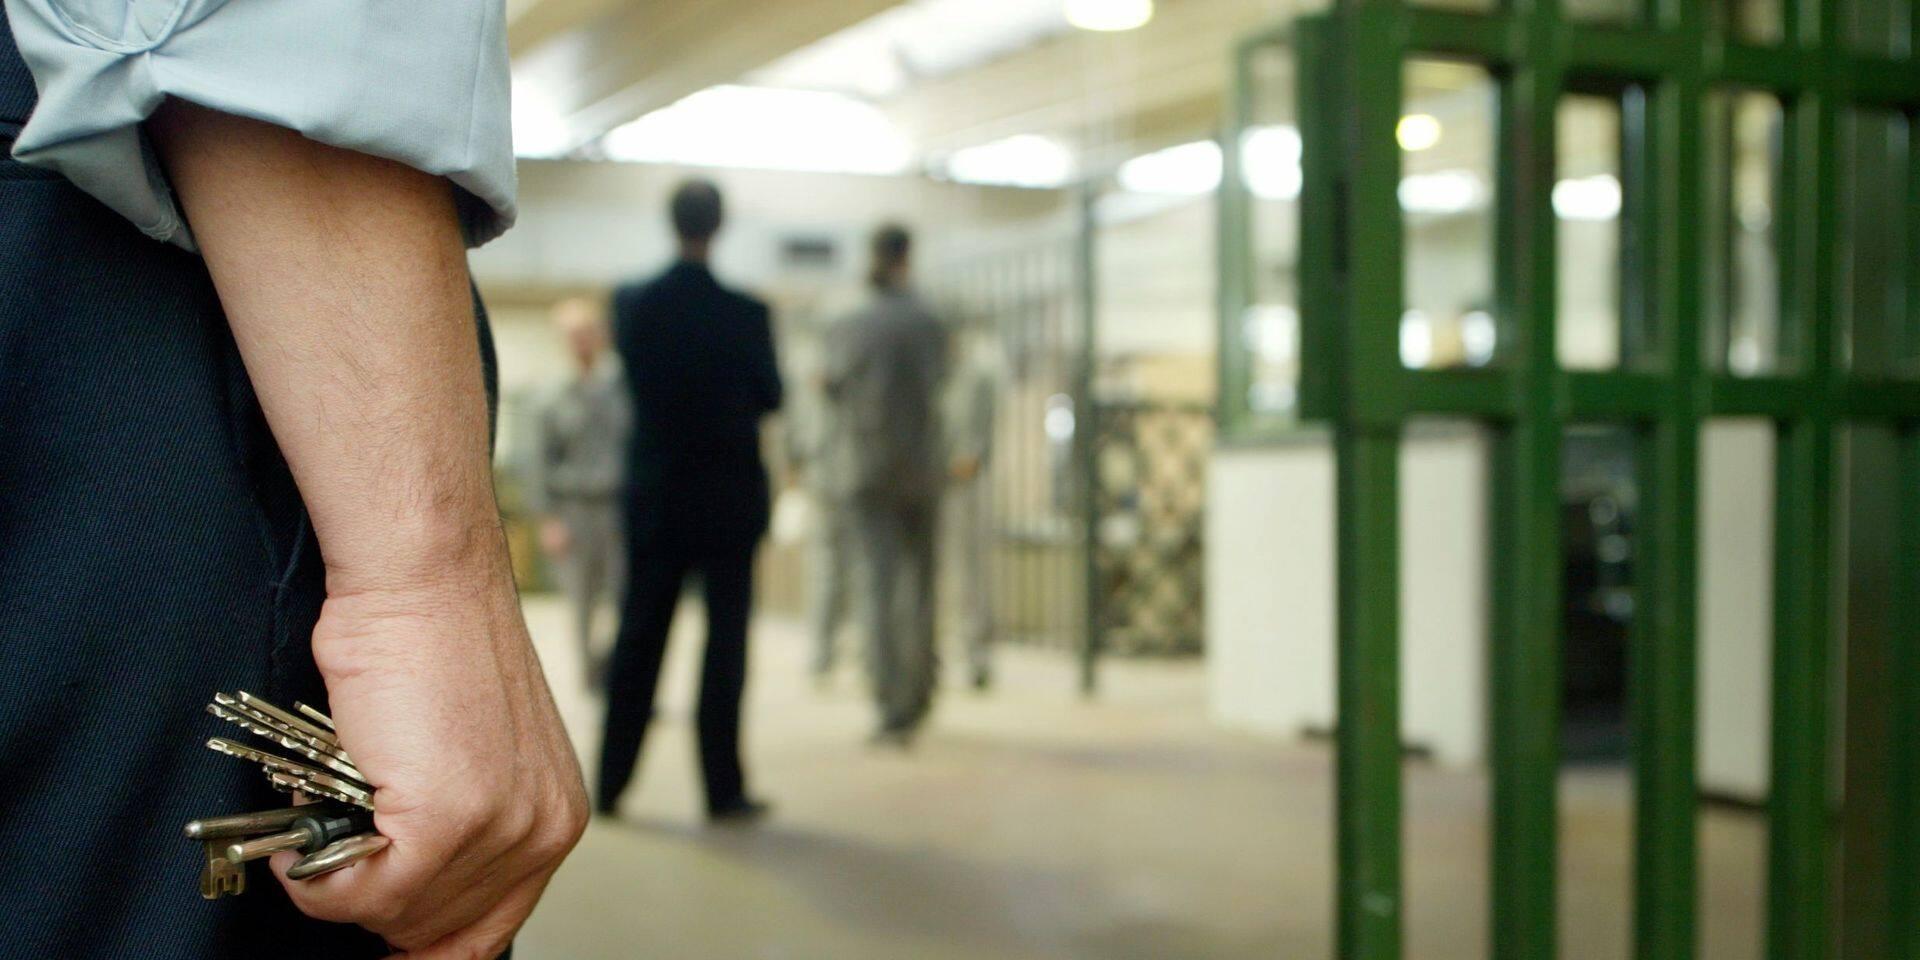 Assouplissement des droits de visite dans les prisons: la CGSP appelle à une grève de 48h